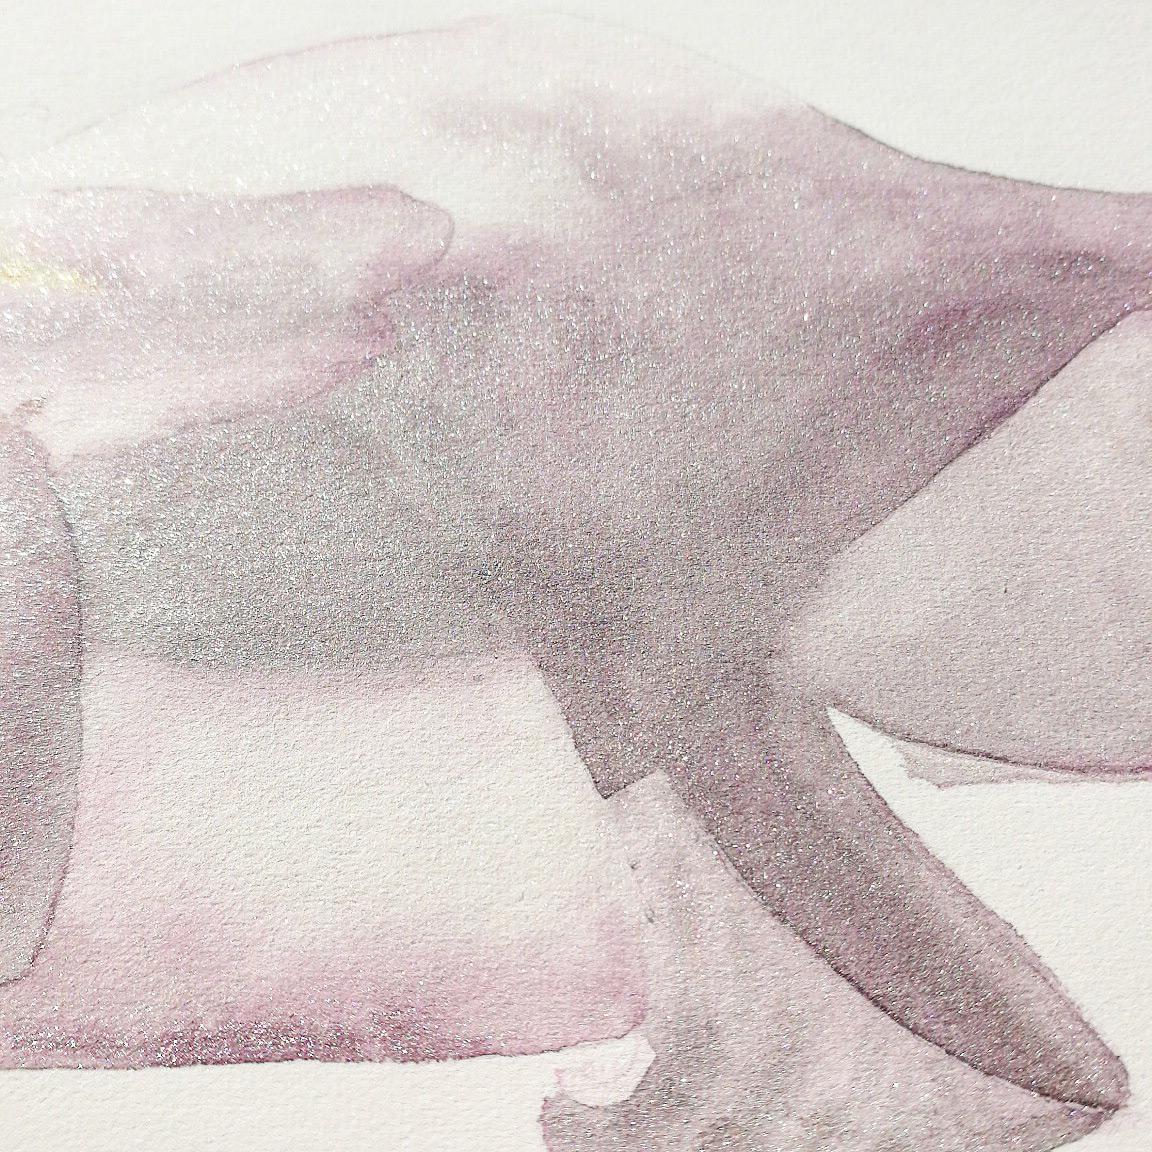 Alona Hryn Schmincke - rose---details-(4)